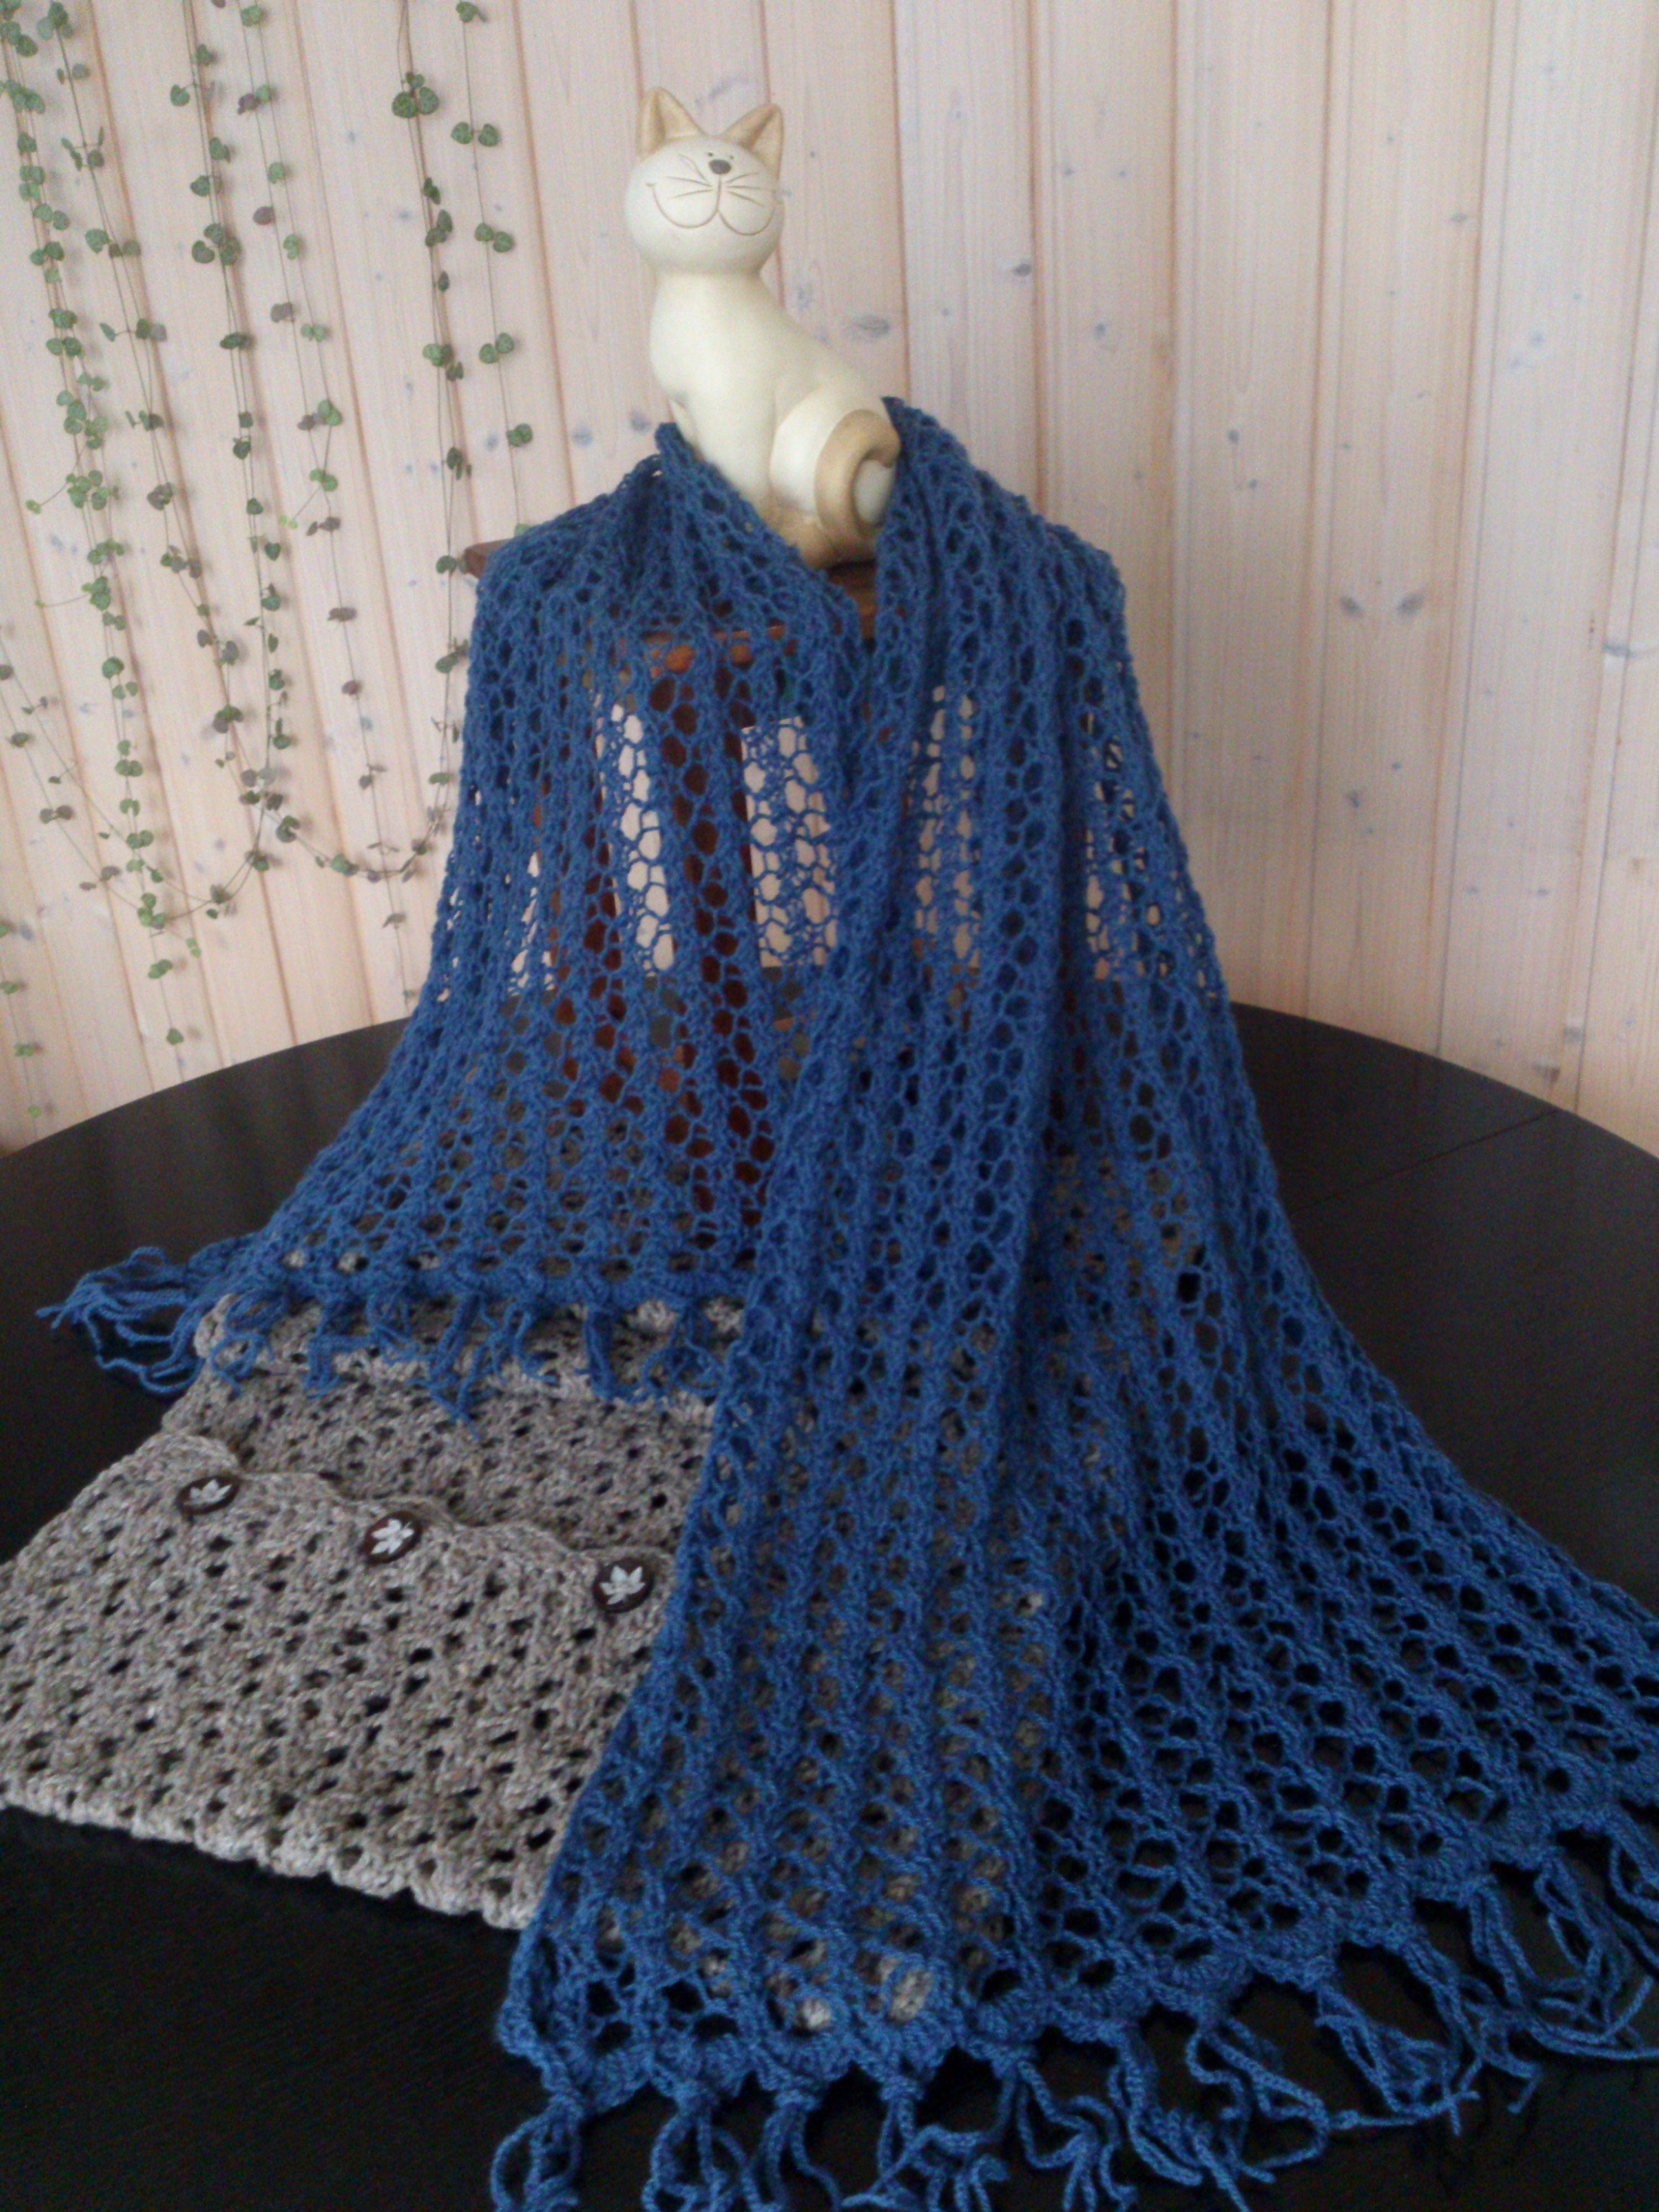 Awesome Klobigen Garn Strickmuster Gift - Decke Stricken Muster ...